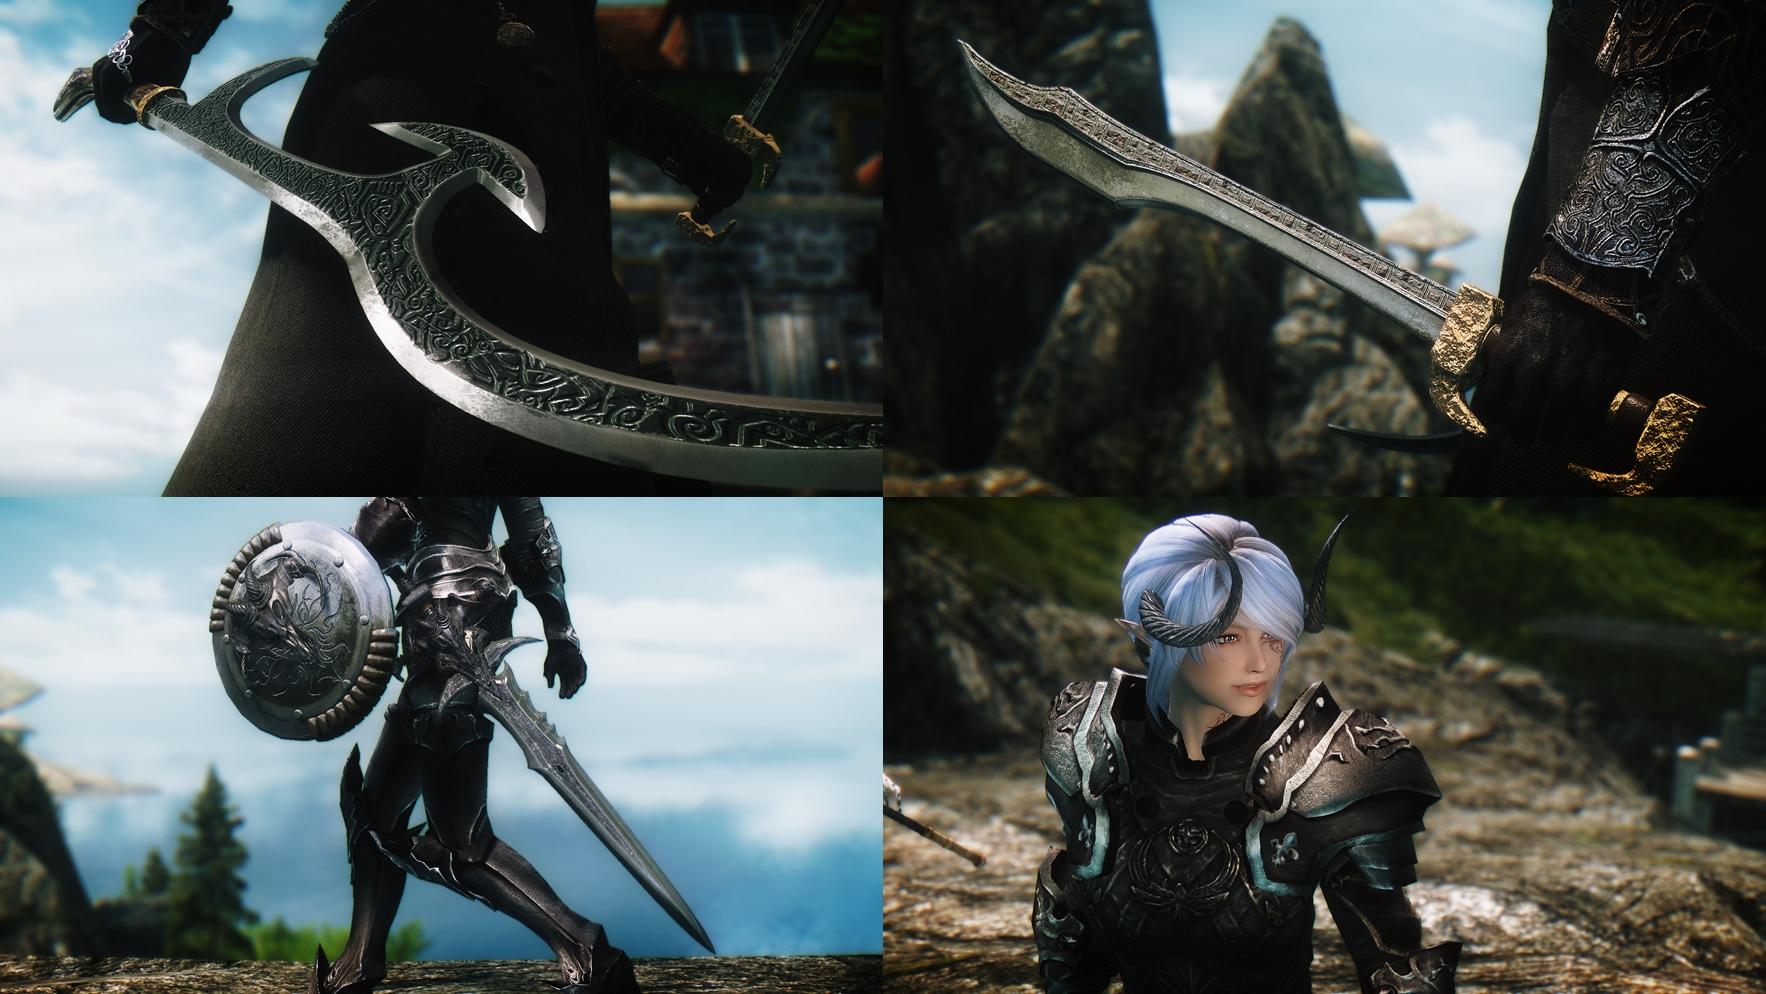 Armor, Weapon - msz-tstl